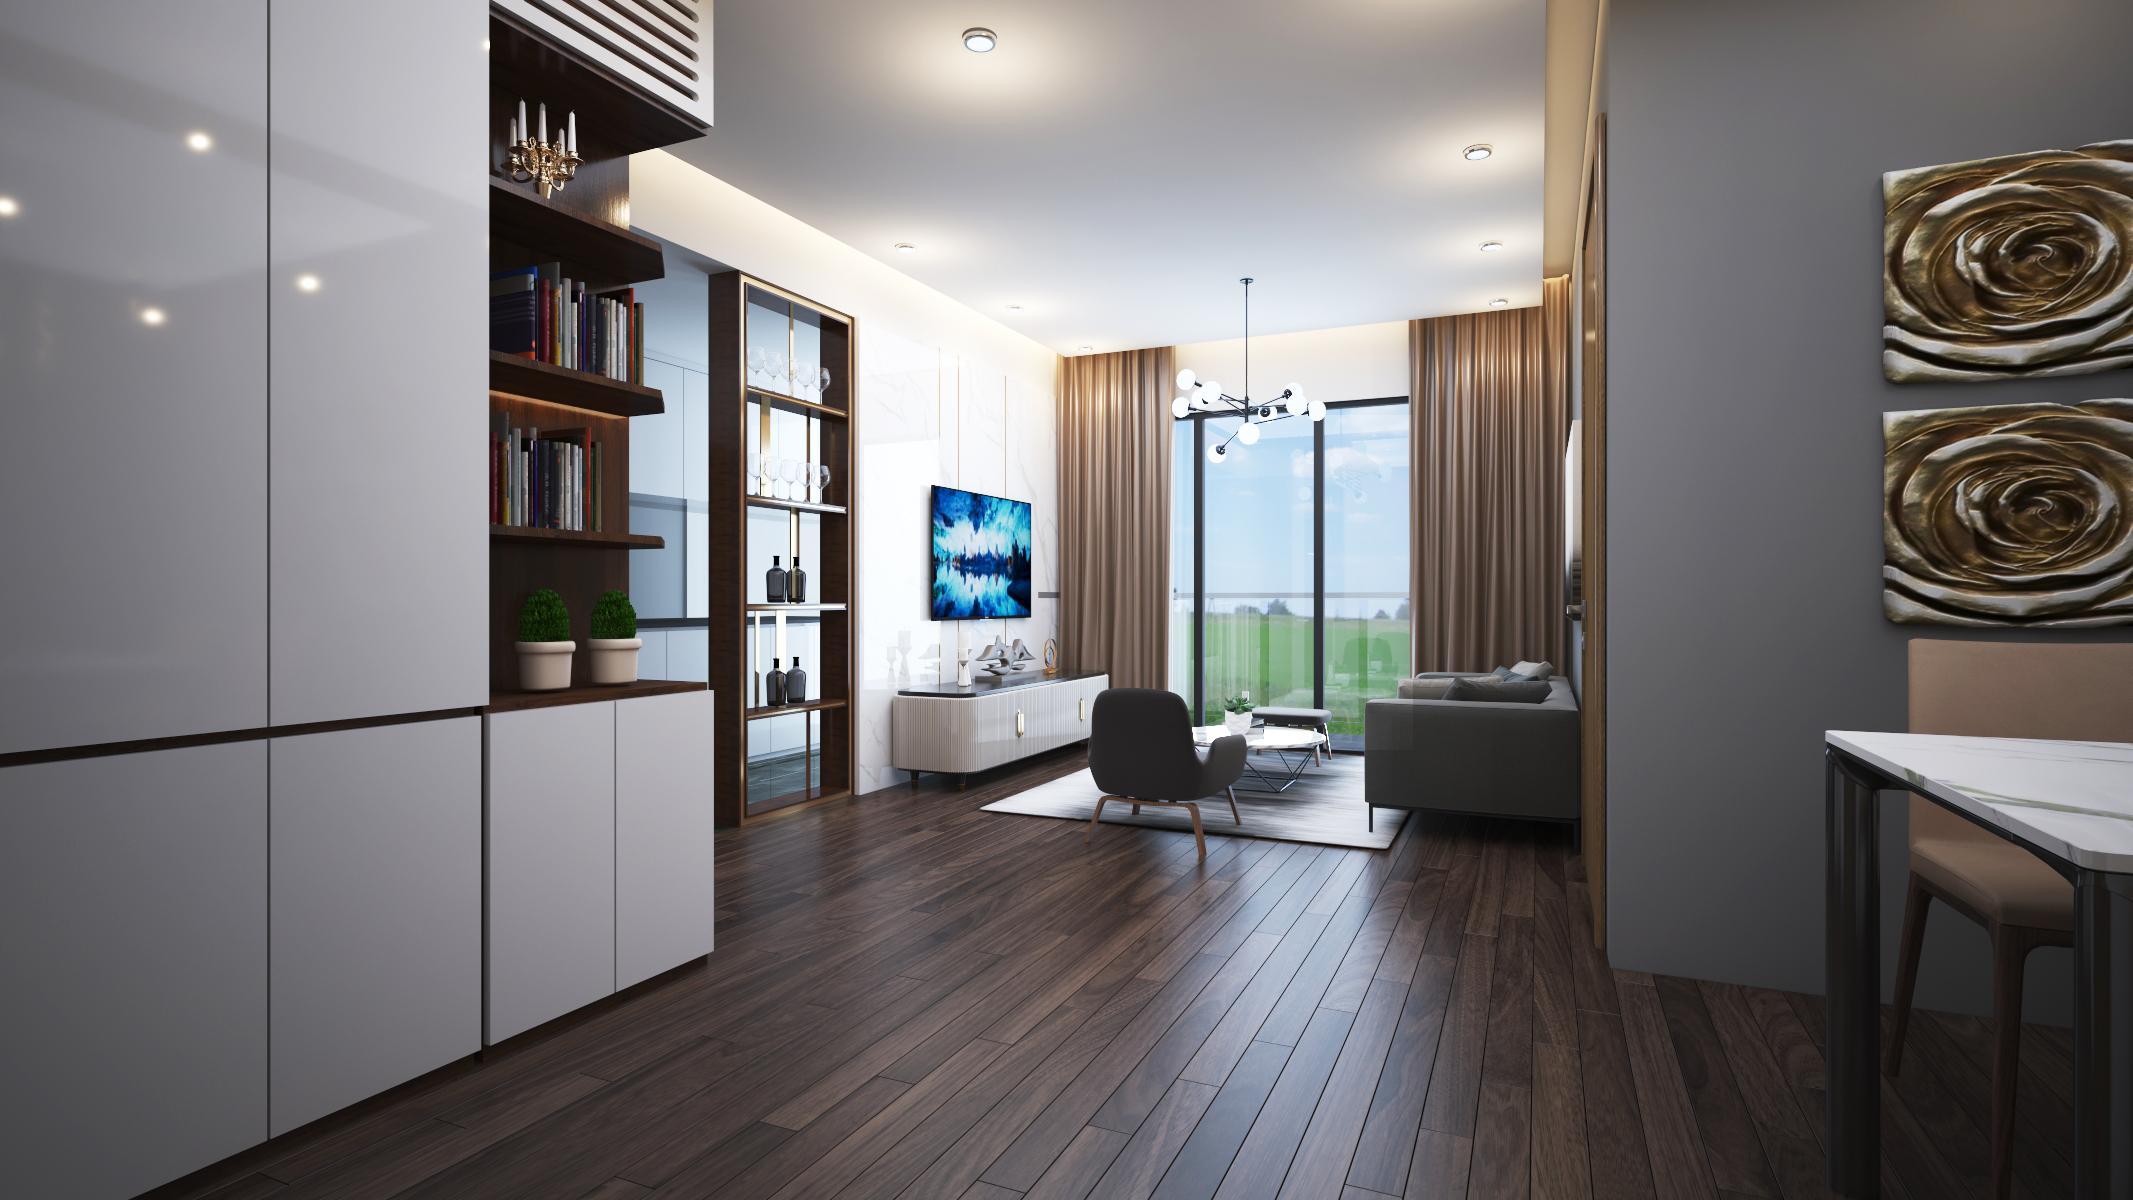 Thiết kế nội thất Chung Cư tại Hà Nội 6 Element Apartment 1584606766 0